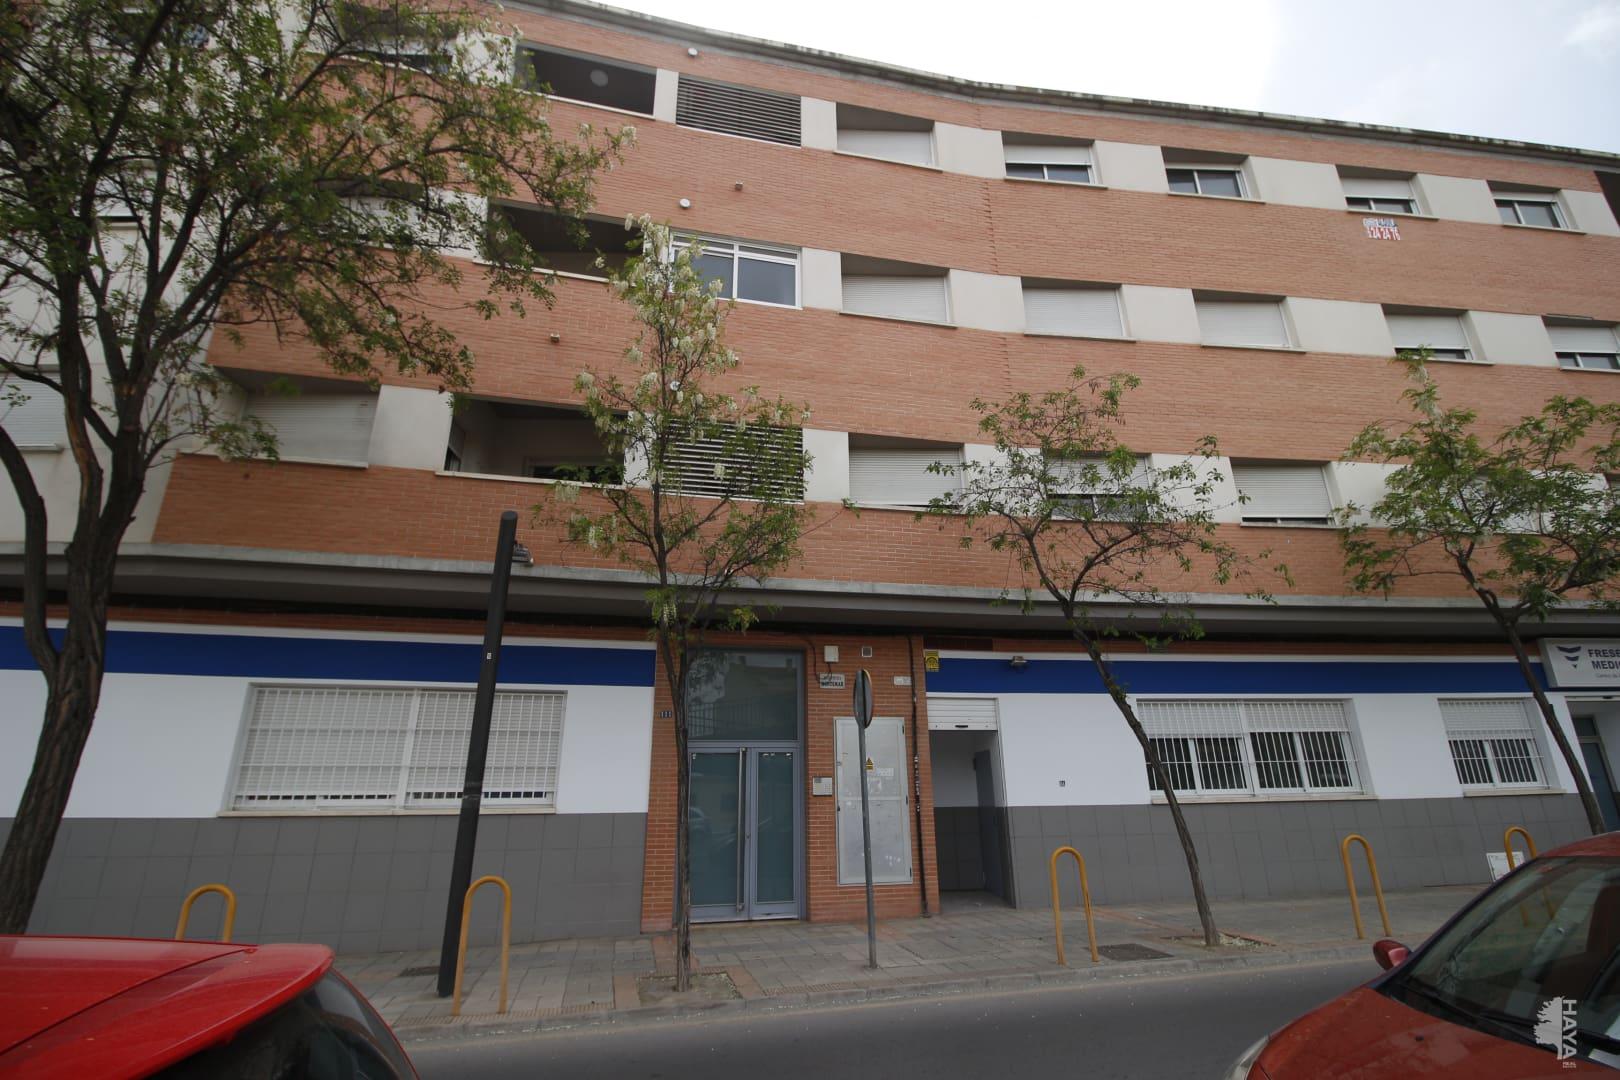 Piso en venta en Murcia, Murcia, Avenida Primero Mayo, 366.000 €, 2 habitaciones, 1 baño, 502 m2